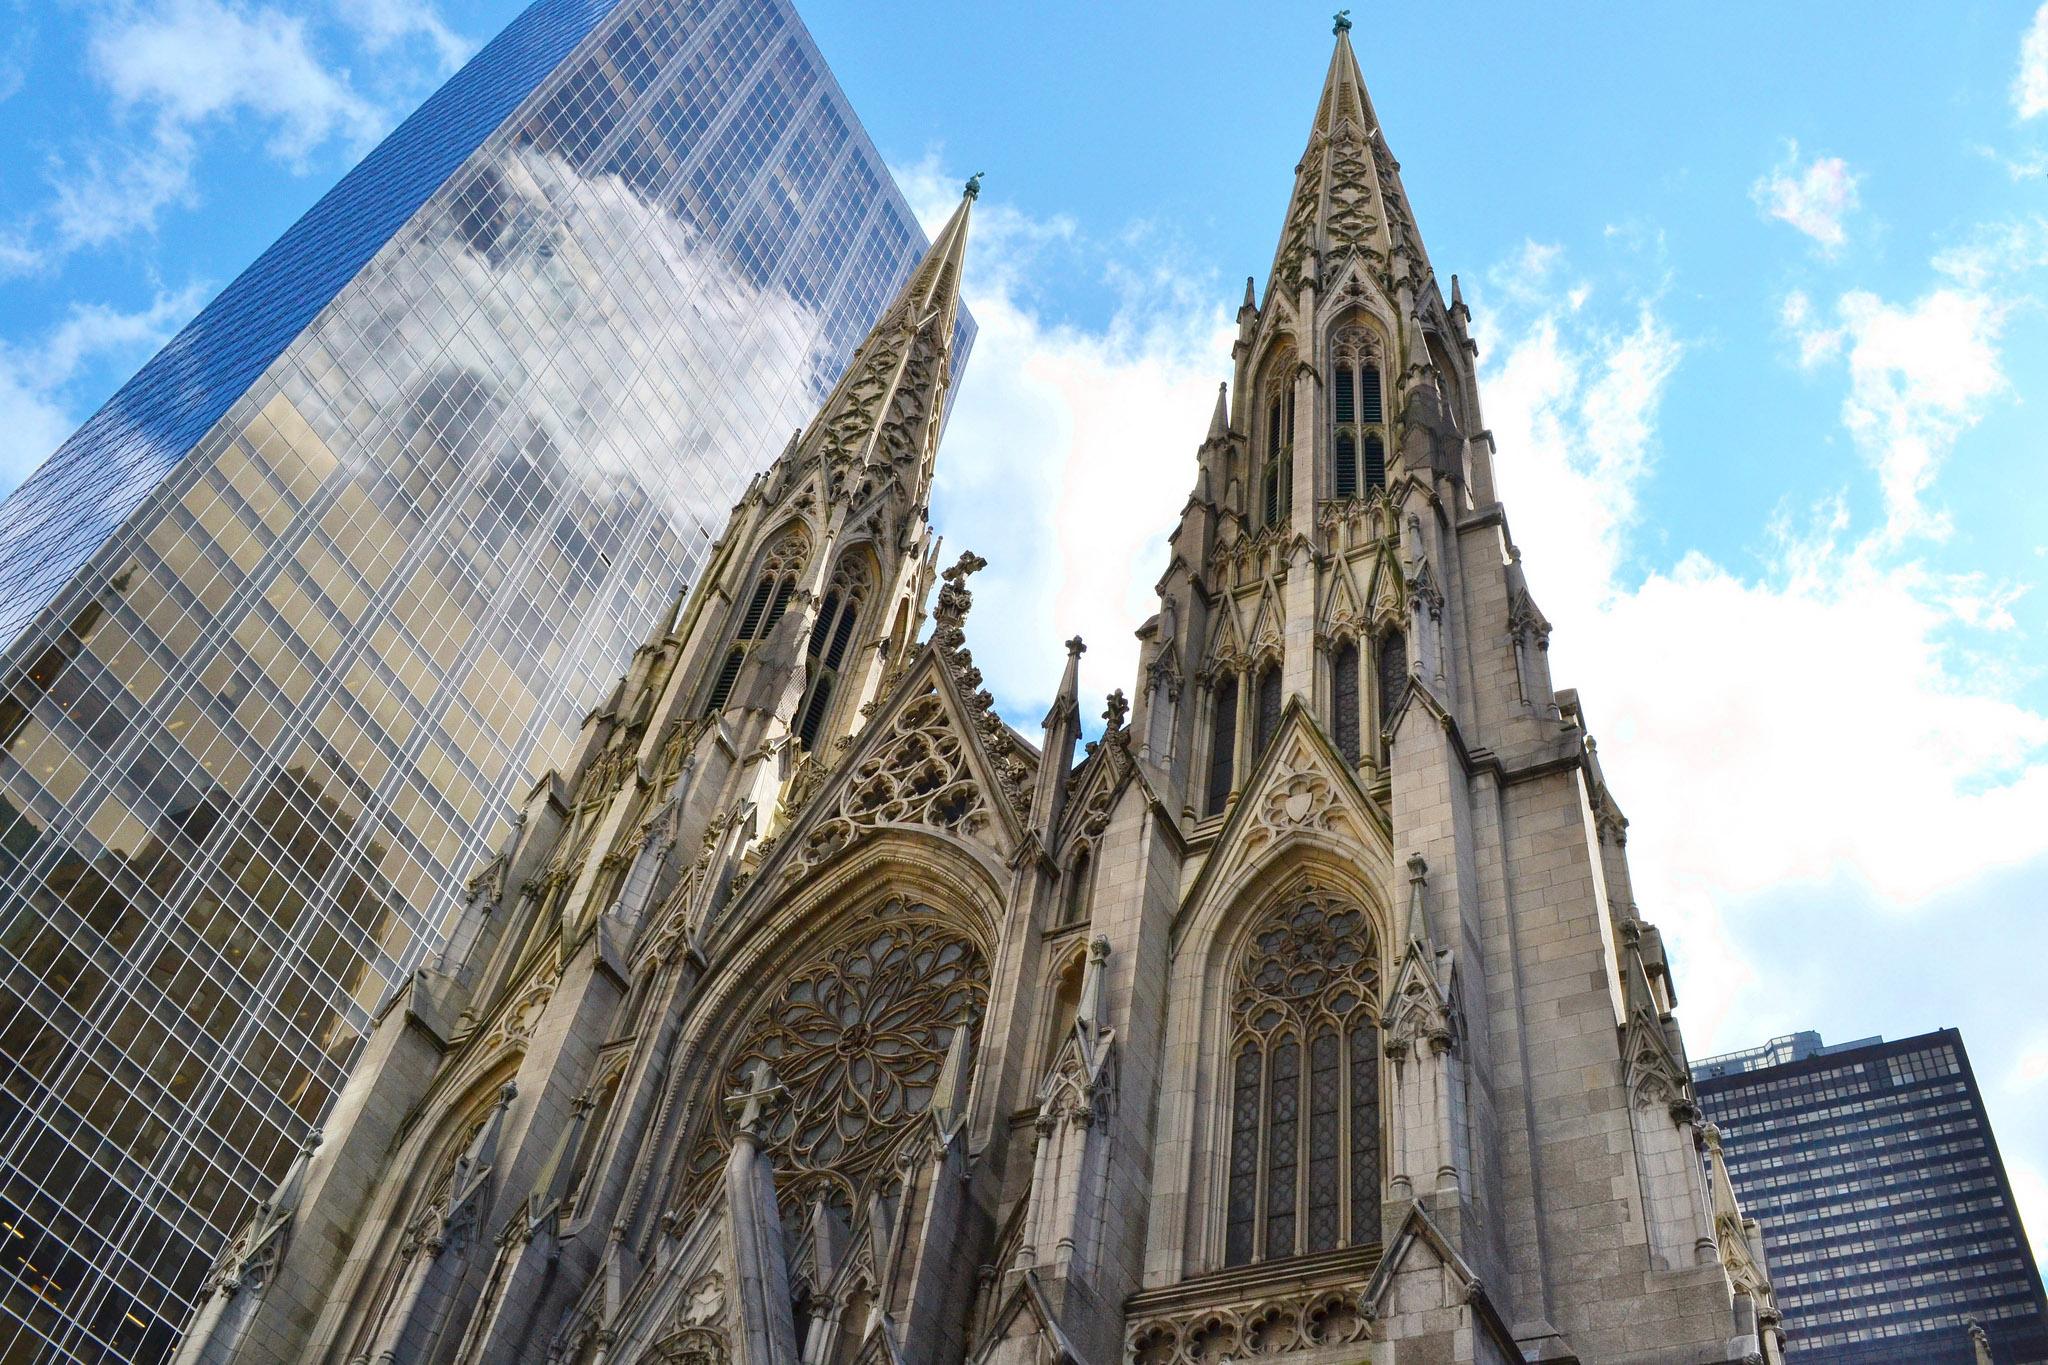 Si hoy día el desfile atraviesa la quinta avenida de Nueva York, entre la Catedral de San Patricio y el Rockefeller Center, en el siglo XVIII el desfile tenía lugar mucho más al sur de la ciudad, en lo que hoy se conoce como NoLiTa.